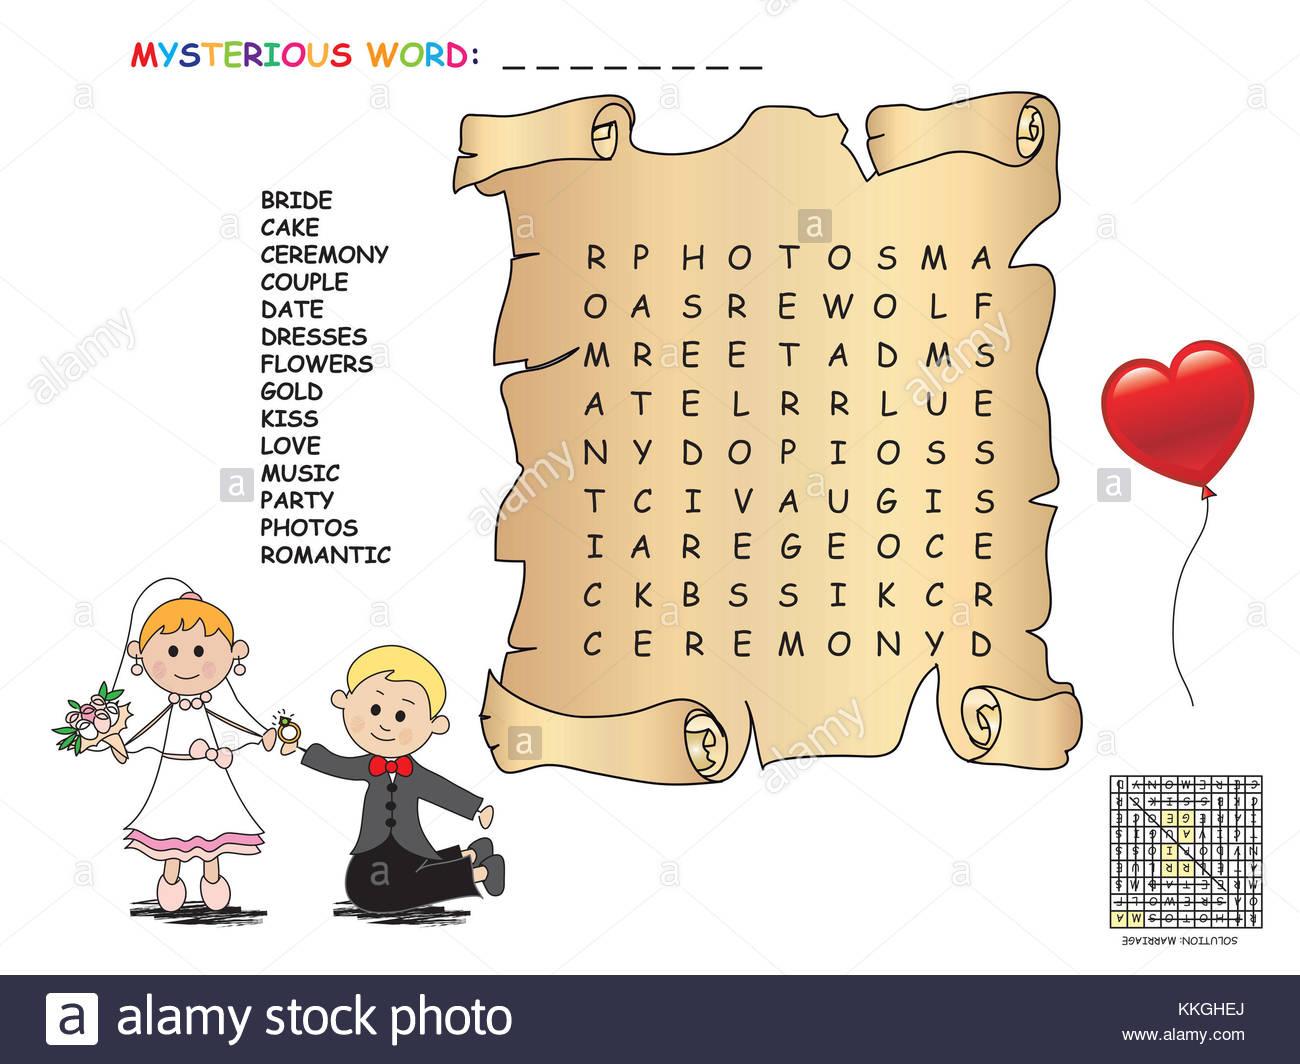 Jeu Pour Les Enfants : Mariage Mots Croisés Banque D'images concernant Mots Croises Enfants